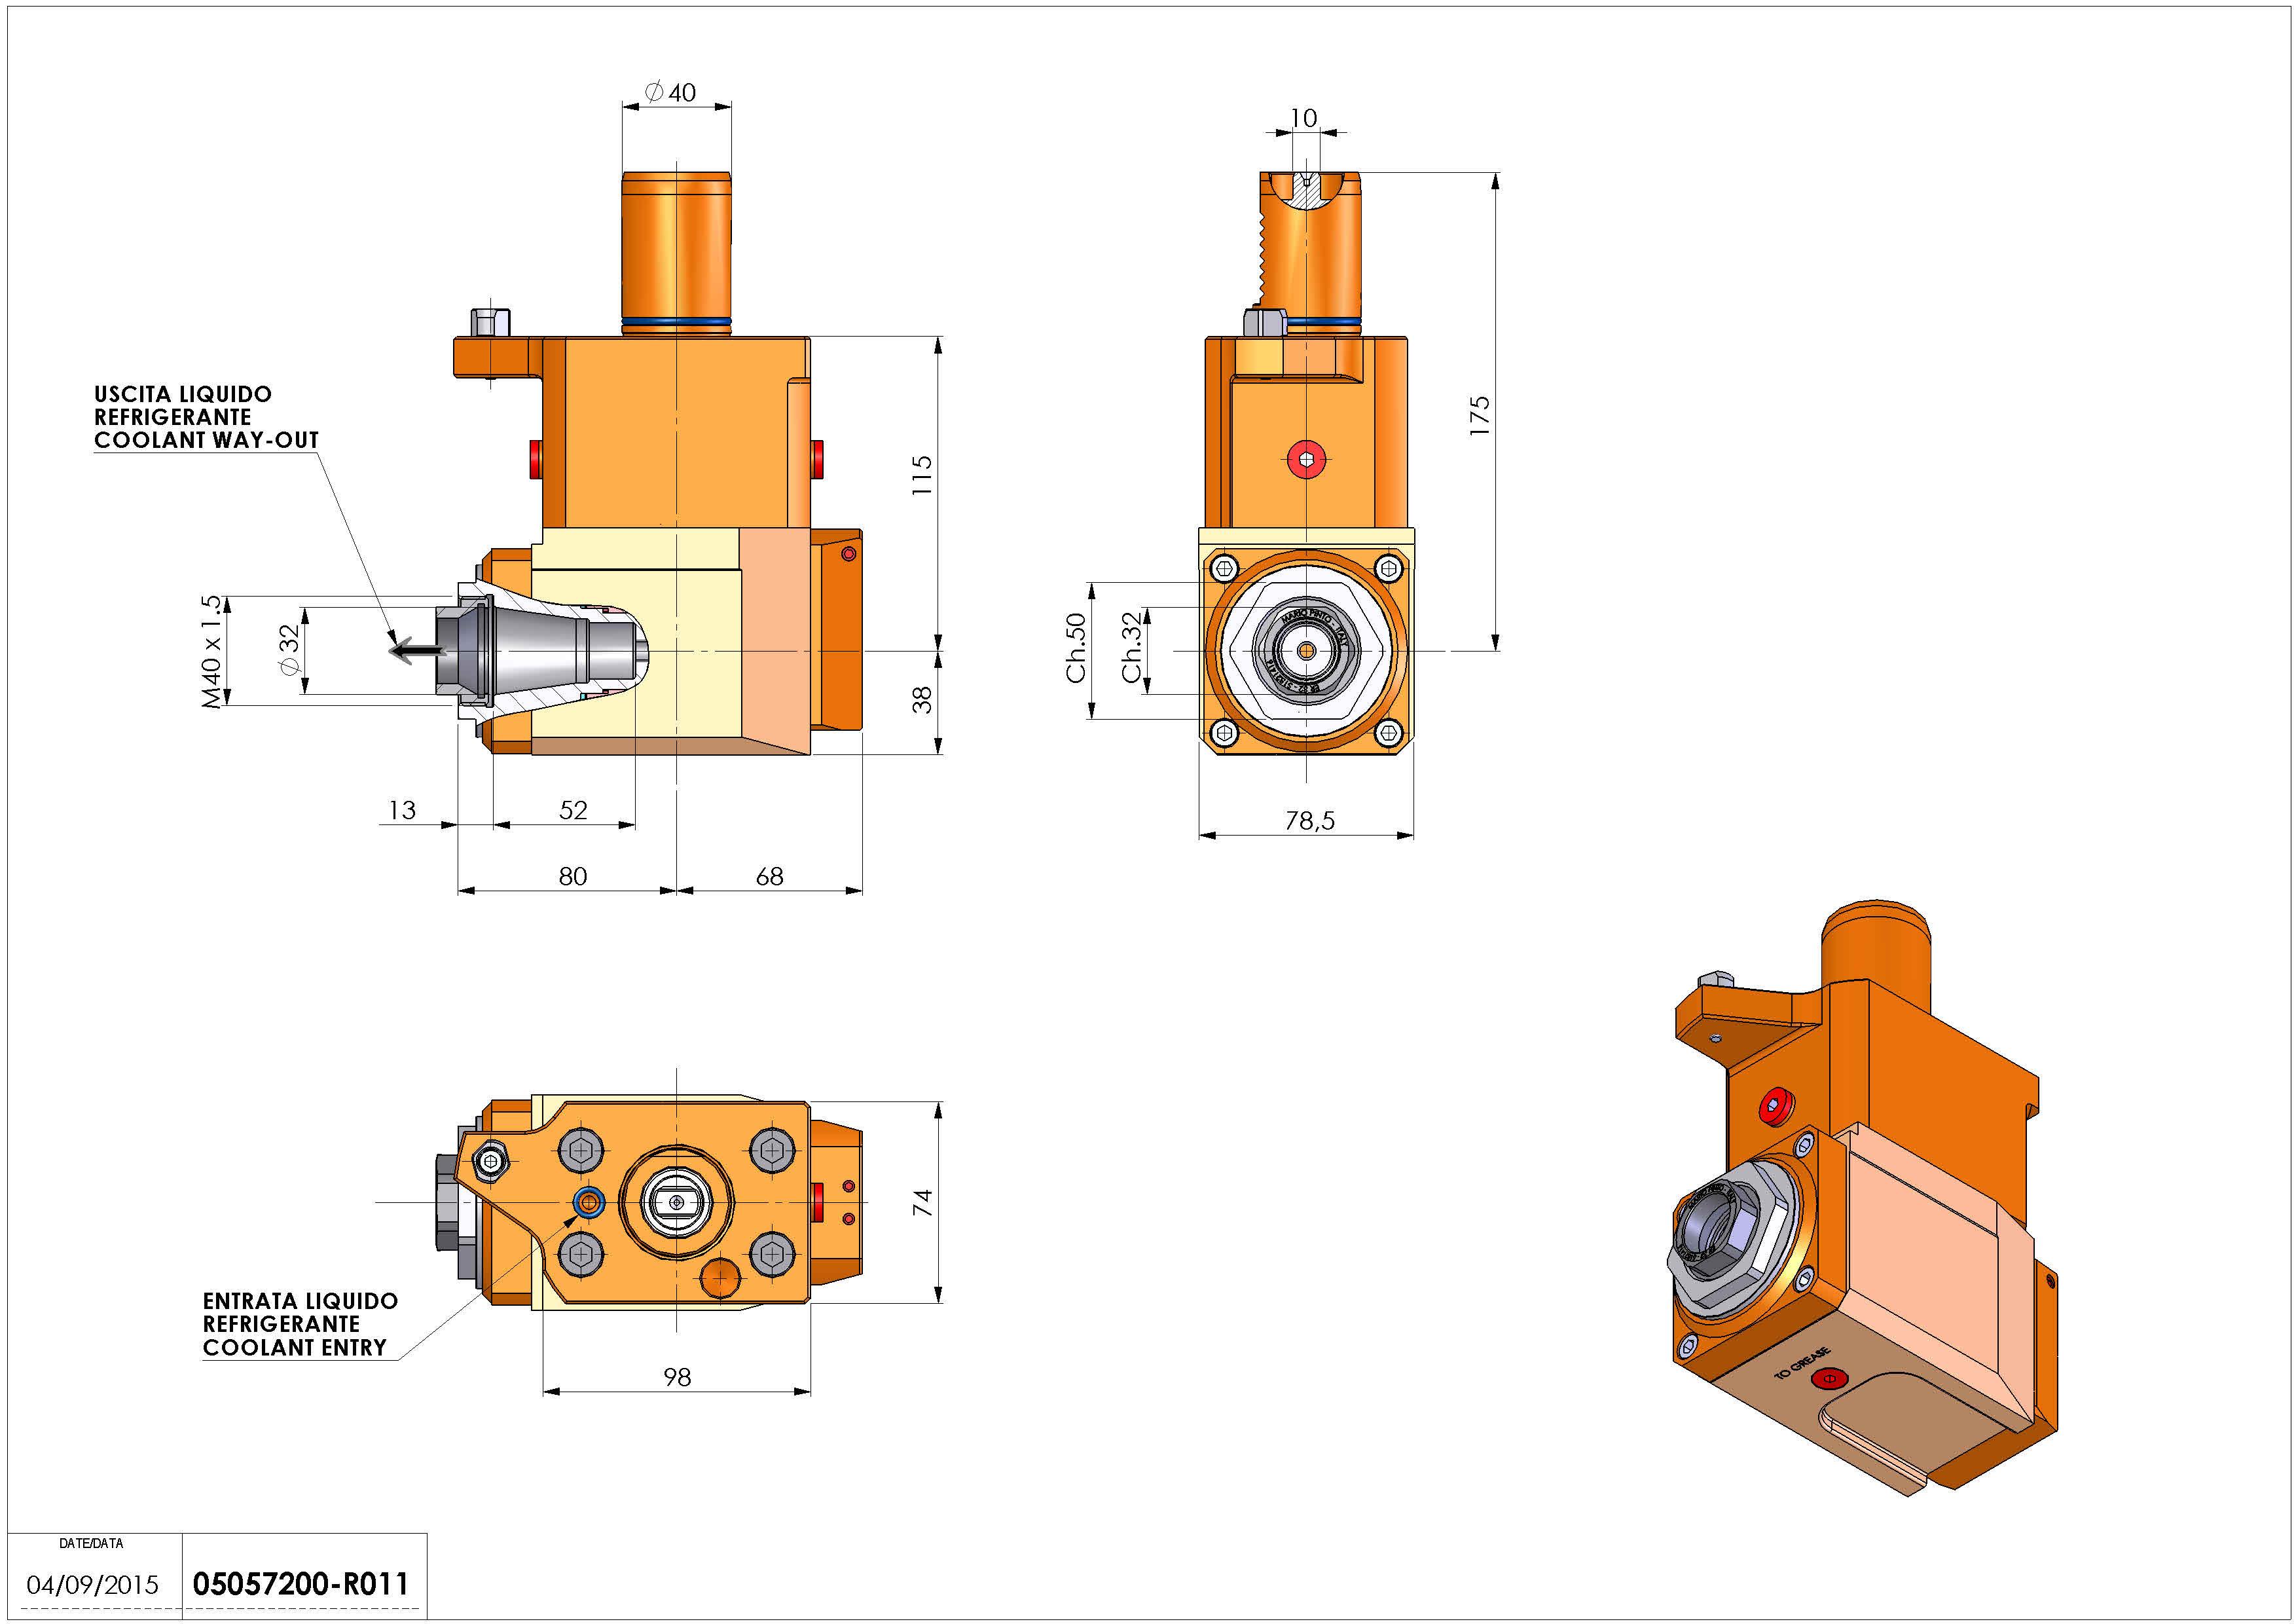 Technical image - LT-A VDI40 ER32F RF H115 M MZ.